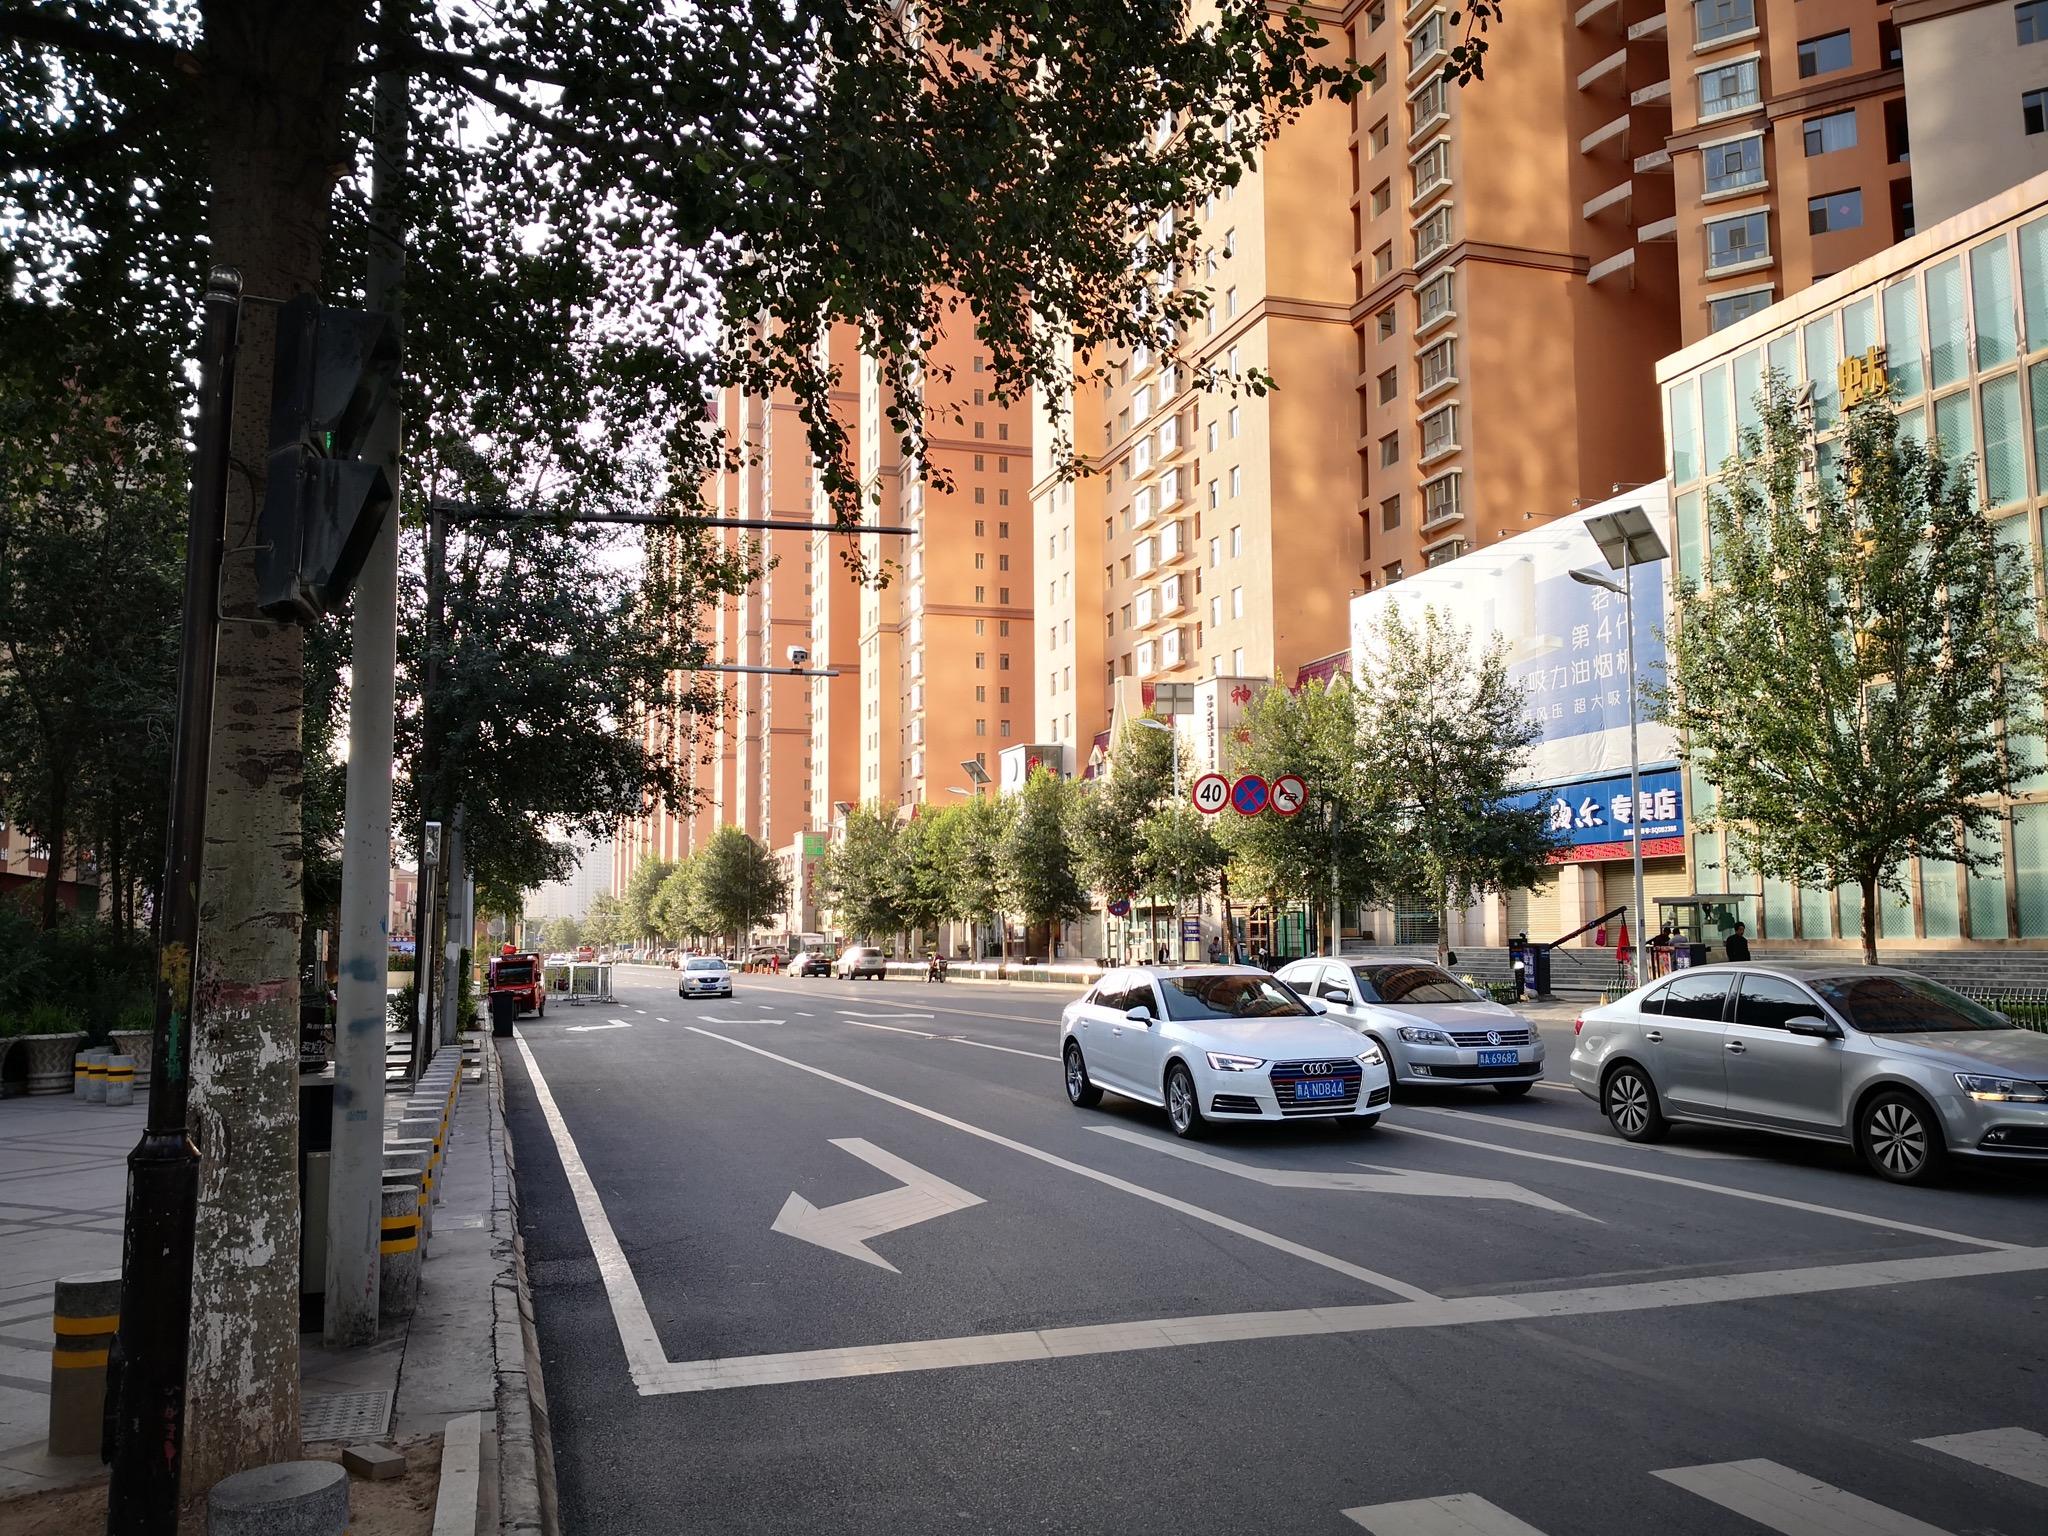 西宁市街景